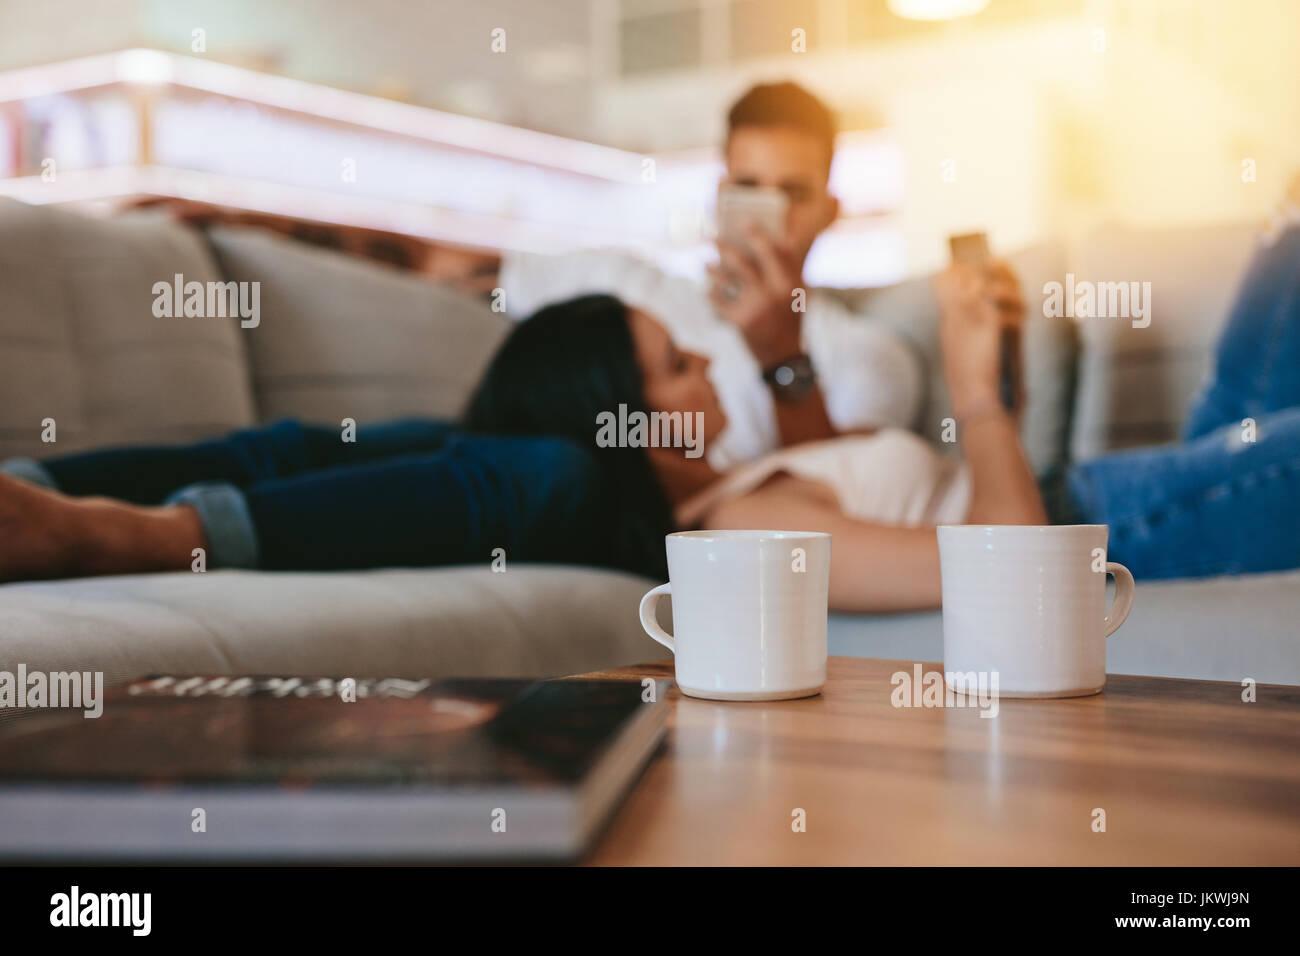 Deux tasses de café sur la table avec couple en arrière-plan sur la table. Tasses de café à l'avant avec l'homme Banque D'Images